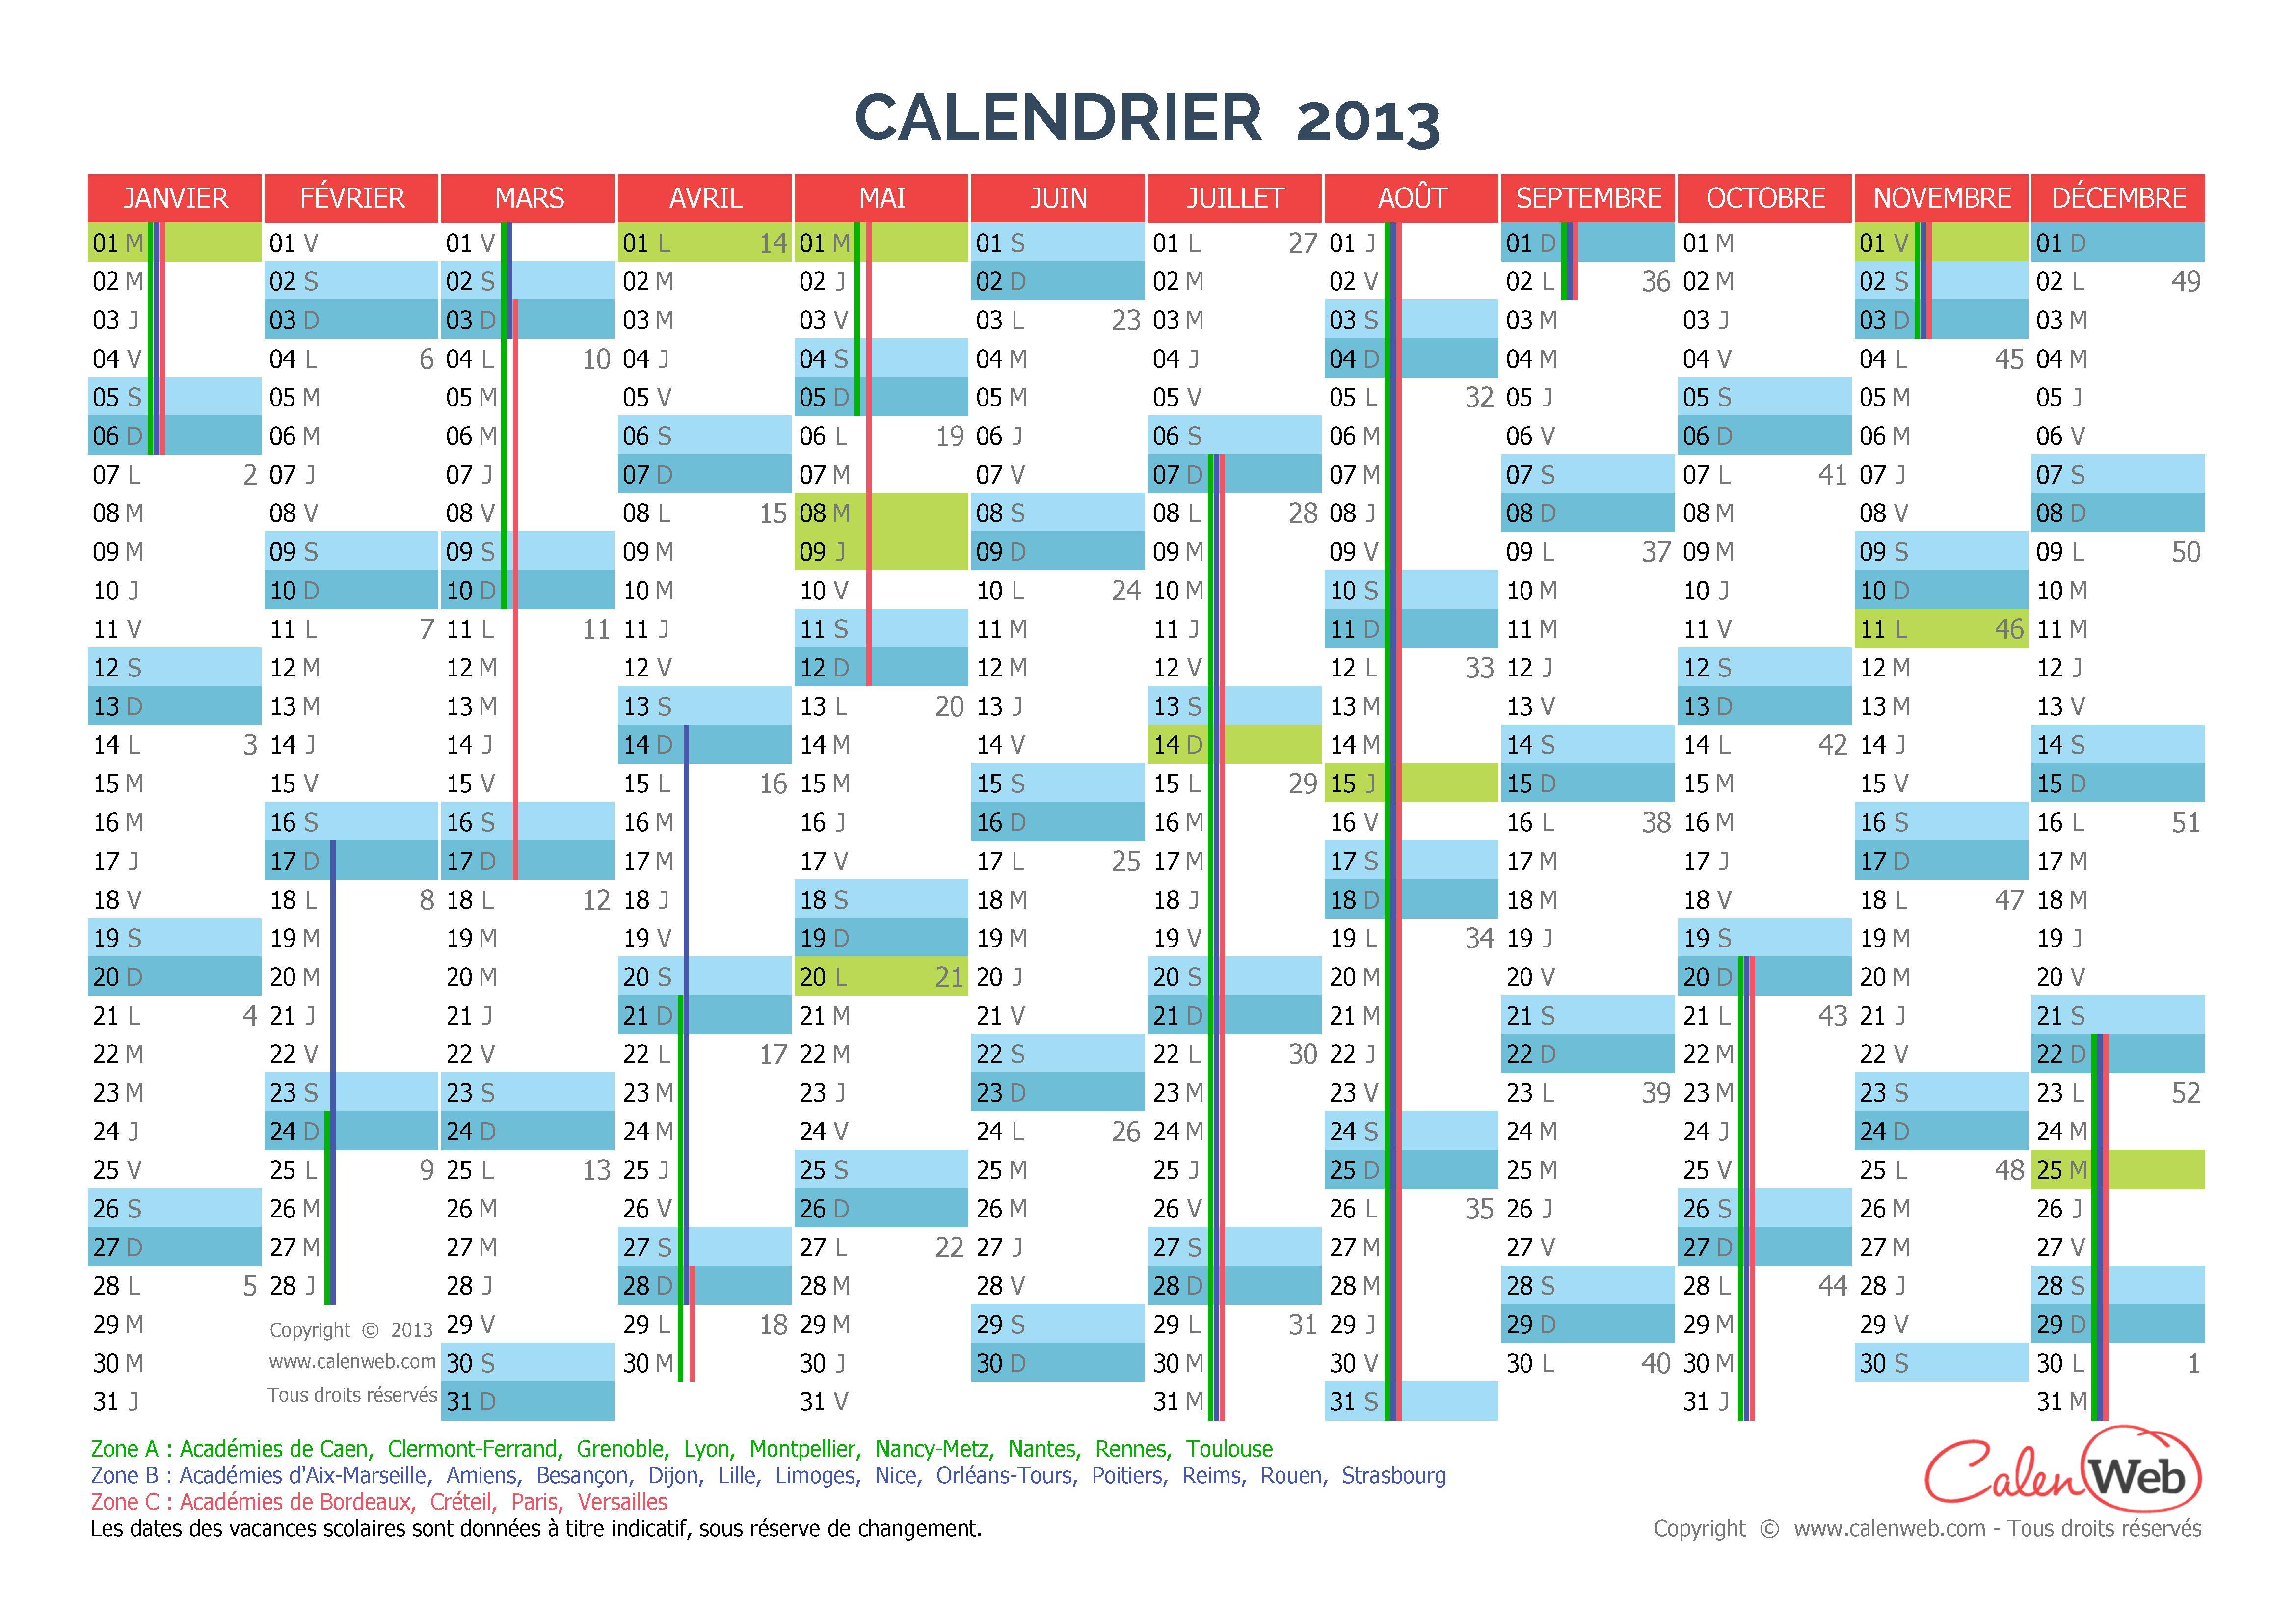 calendrier annuel ann e 2013 avec jours f ri s et vacances scolaires. Black Bedroom Furniture Sets. Home Design Ideas